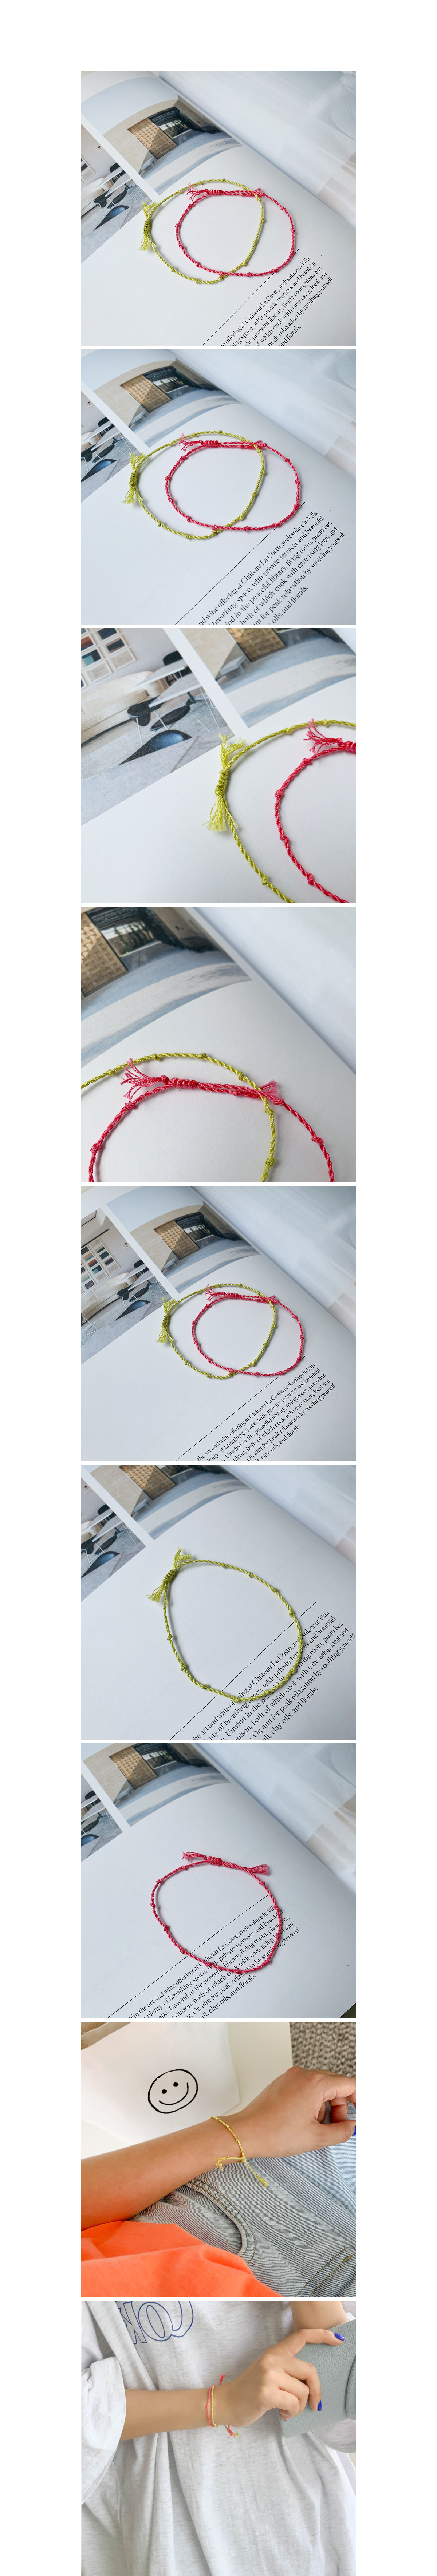 Collar thread B